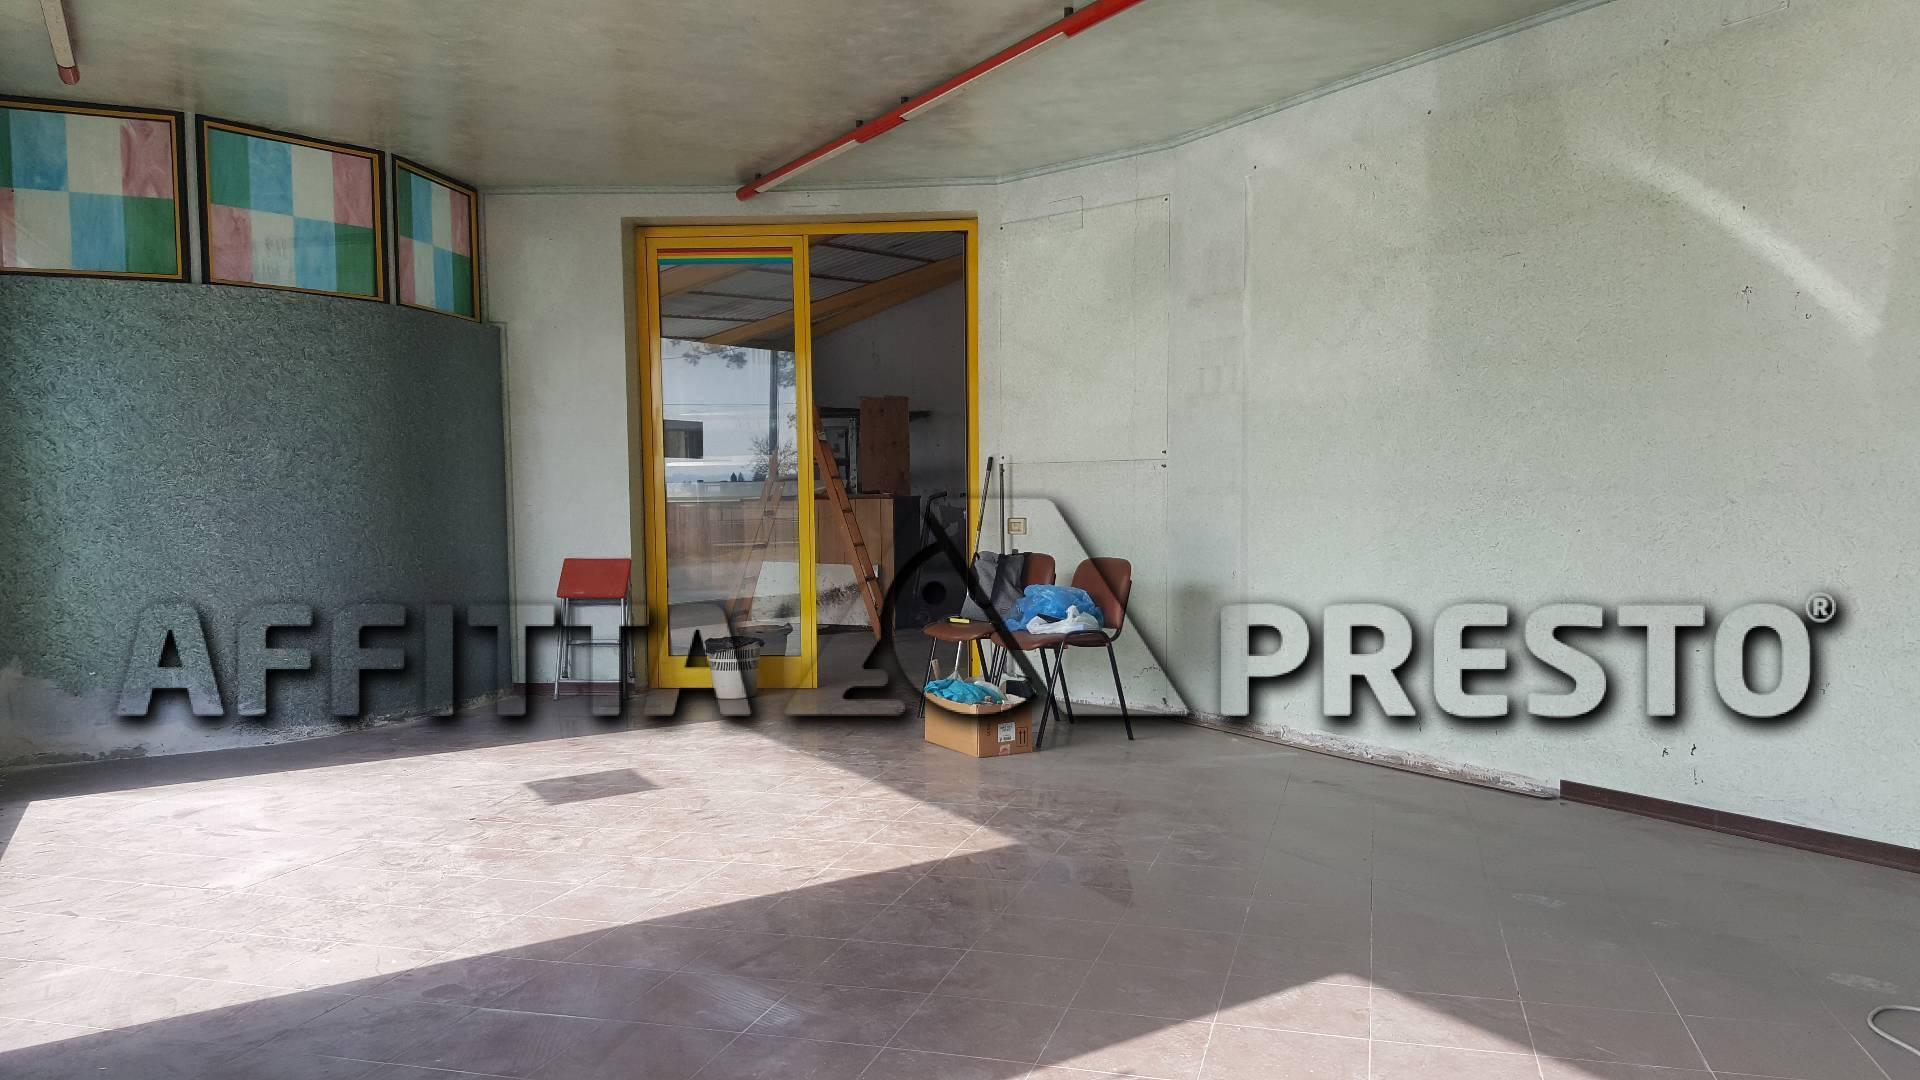 Attività commerciale in affitto a Santa Maria a Monte